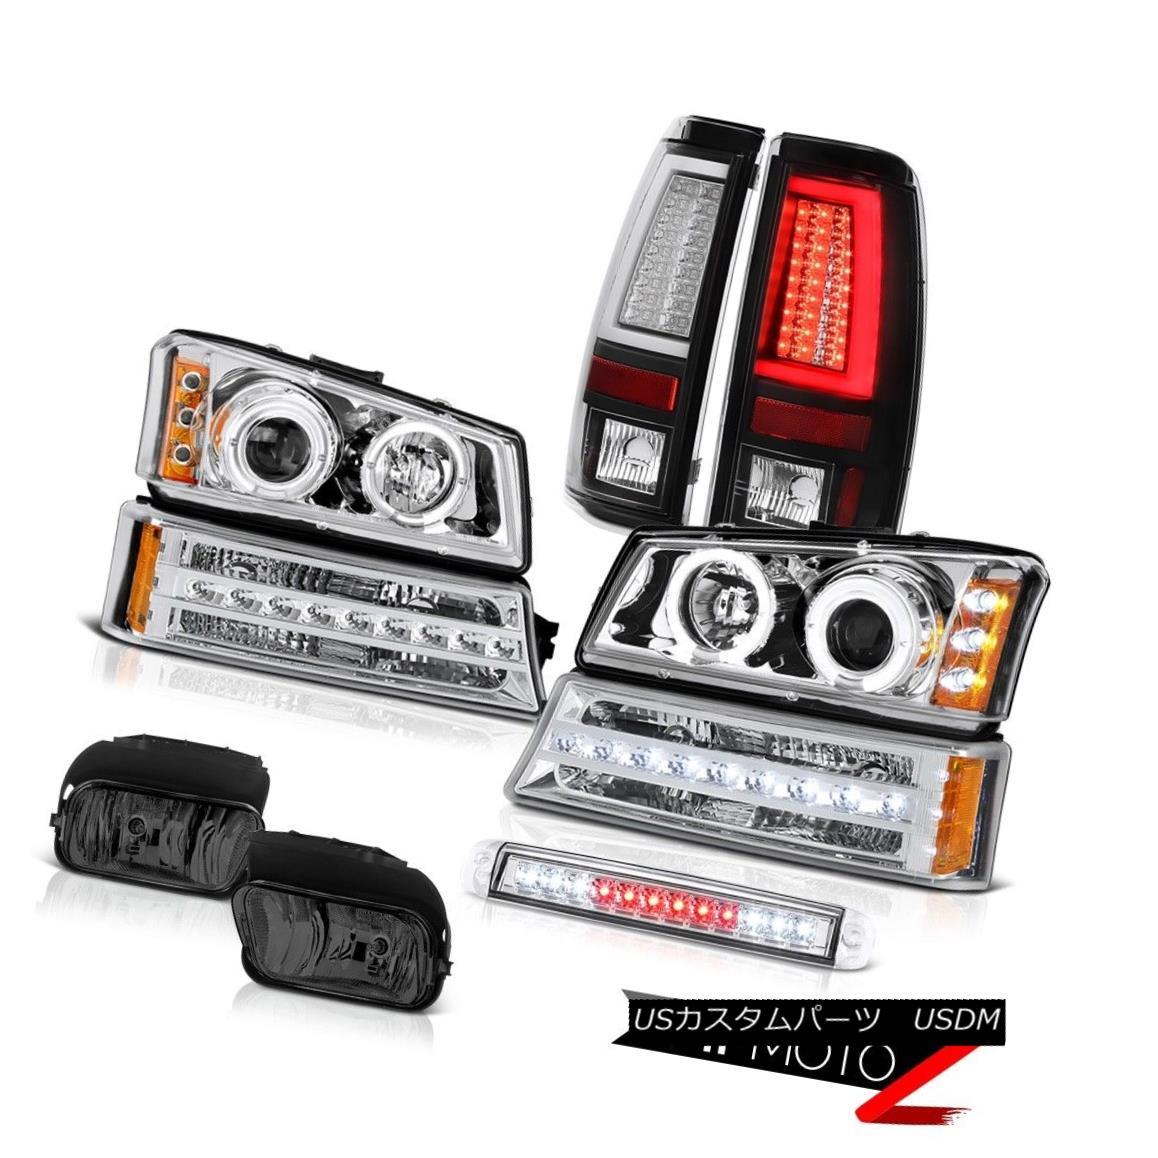 ヘッドライト 03-06 Chevy Silverado Taillamps 3RD Brake Lamp Fog Lights Bumper Light Headlamps 03-06 Chevy Silverado Taillamps 3RDブレーキランプフォグライトバンパーライトヘッドランプ